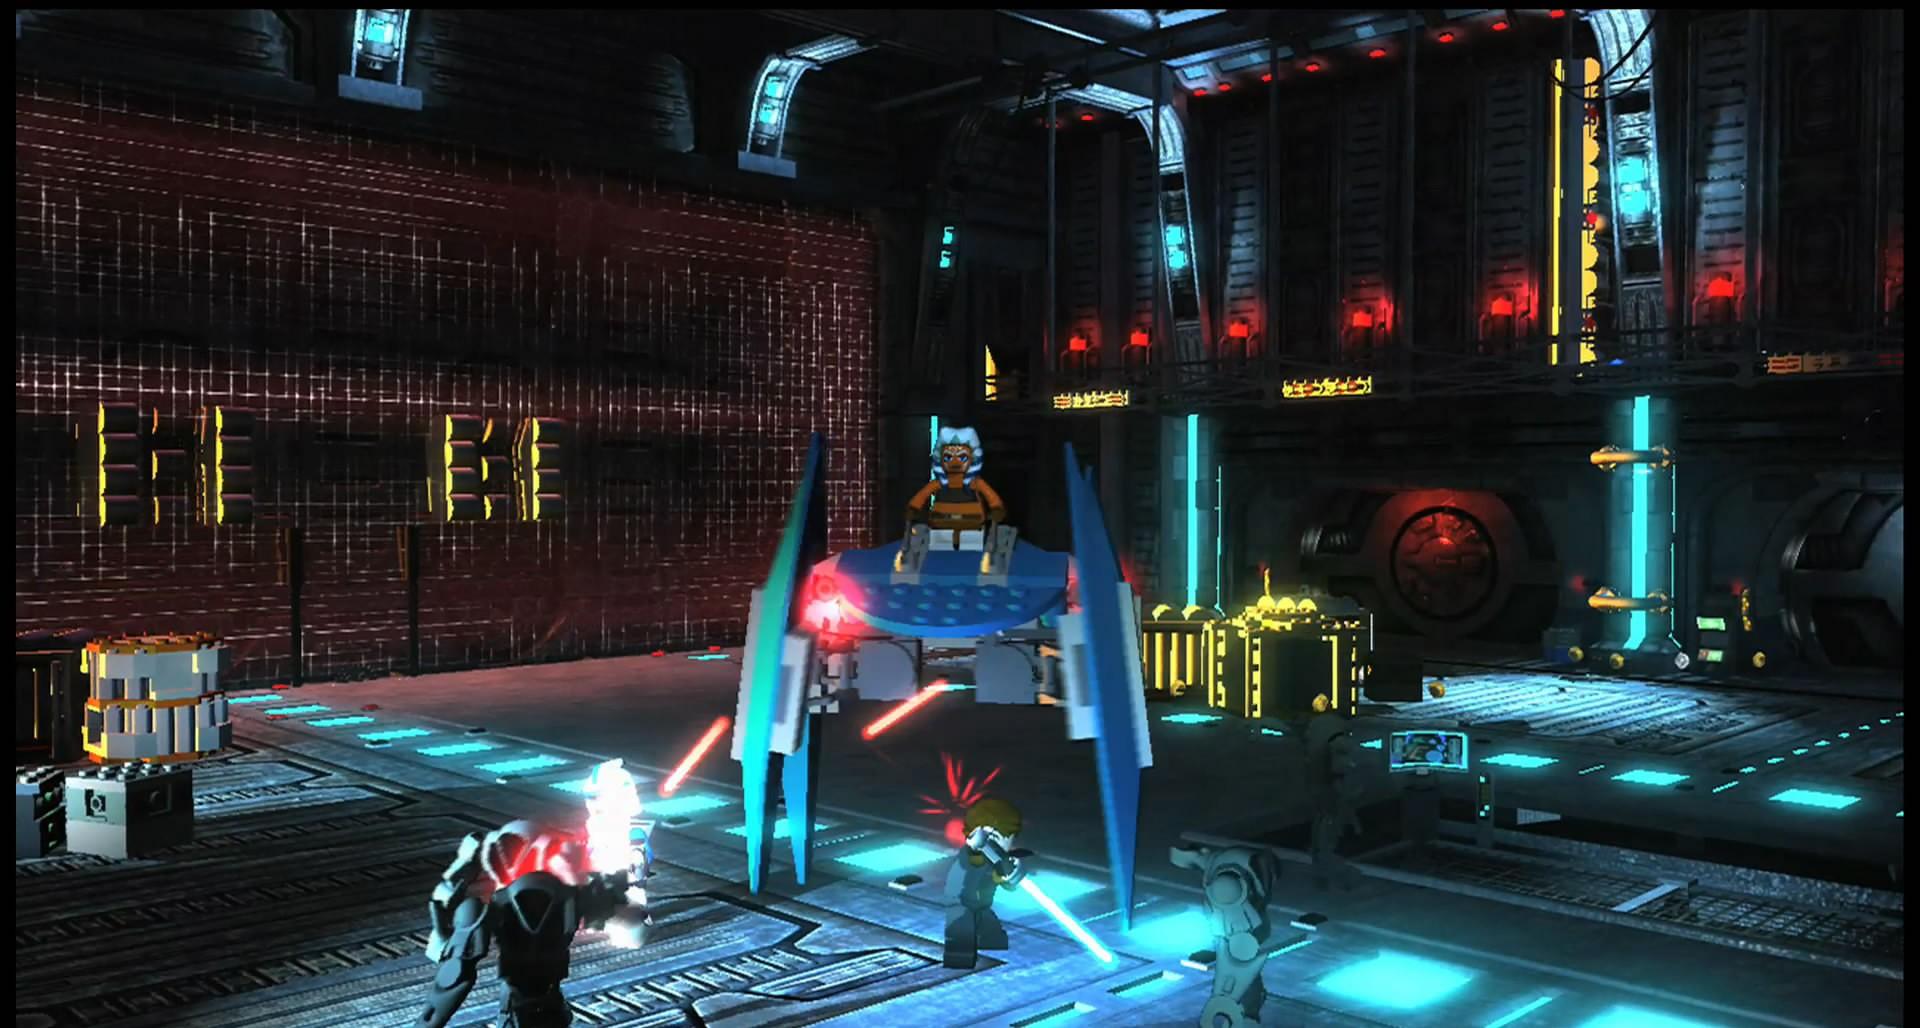 Screenshots - for LEGO Star Wars 3: The Clone Wars - E3 2010 Trailer